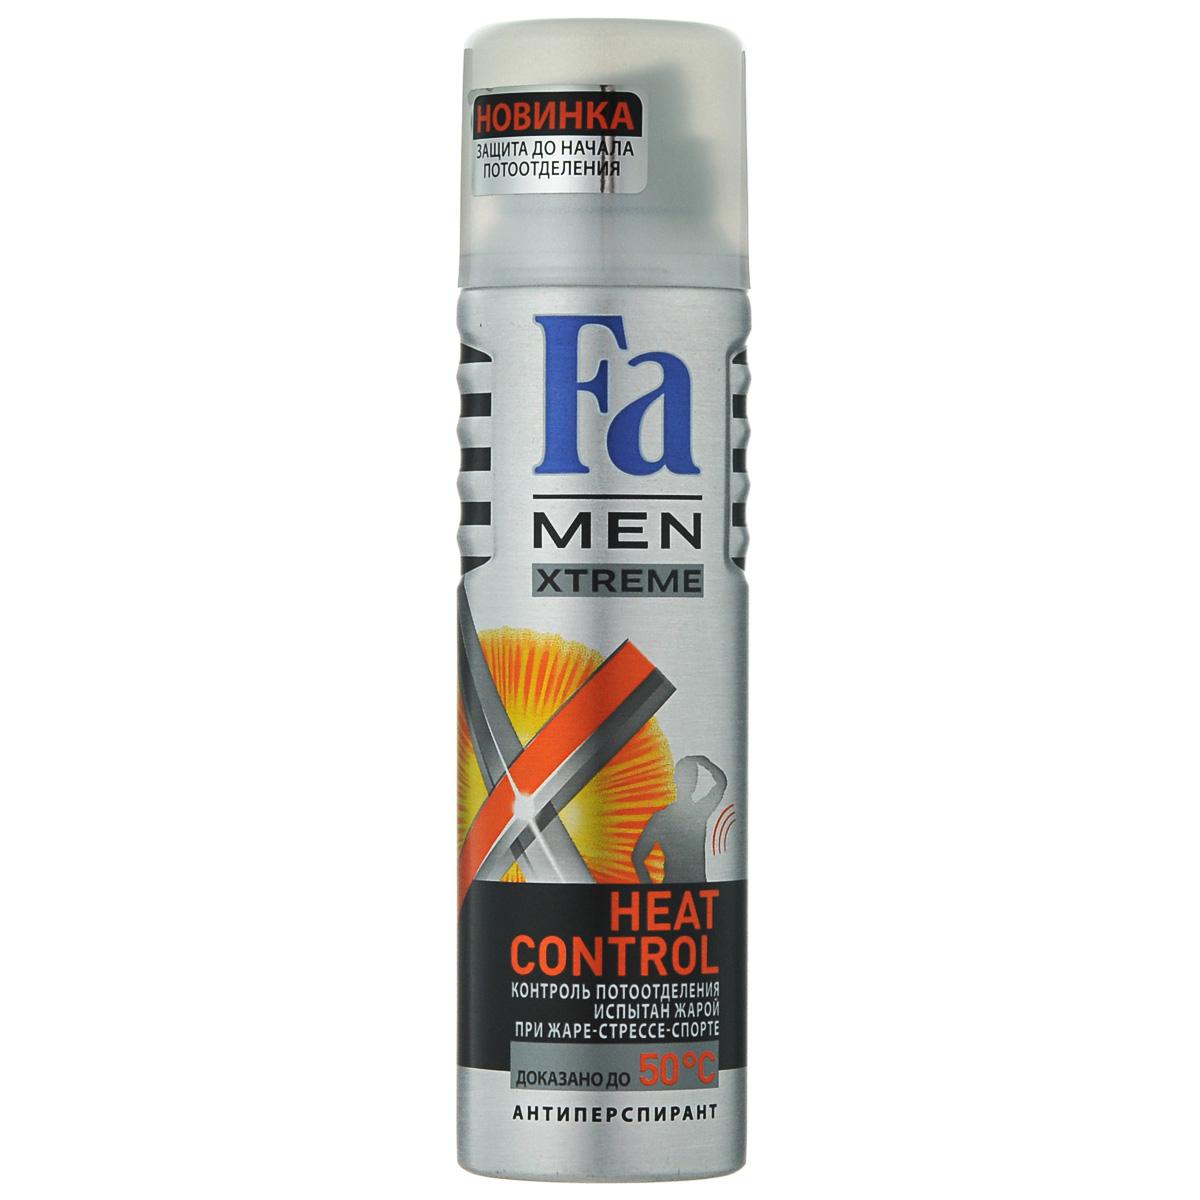 FA MEN Xtreme Дезодорант-аэрозоль Heat Control, 150 мл120836596FA MEN Xtreme Heat Control. При повышении температуры усовершенствованная формула усиливает уровень защиты для экстремального контроля над потом в любой ситуации. Инновационная технология Sweat Detect борется с потом еще до его появления. Клинические испытания доказали эффективную защиту против пота и запаха, даже в экстремально жарких условиях. Протестирован при t до 50°C. Также почувствуйте притягательную свежесть, принимая душ с гелем для душа Fa Men Xtreme.